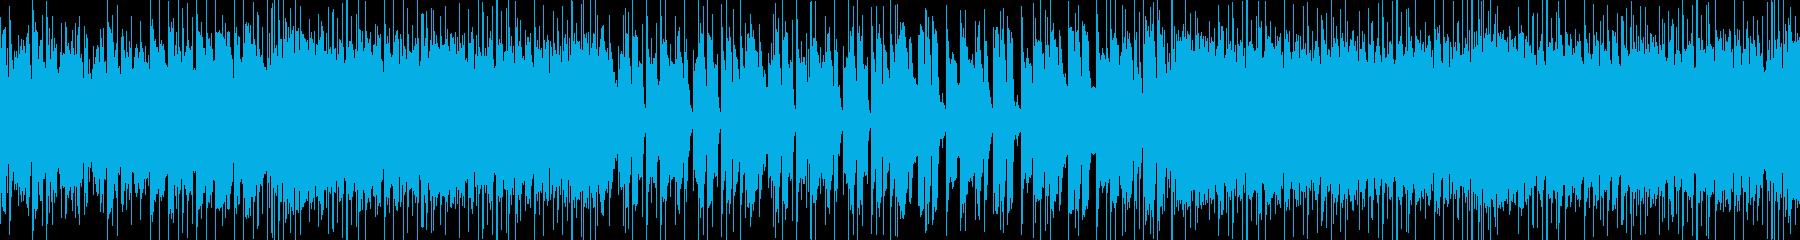 分かりやすく可愛いメロのEDM系POPSの再生済みの波形